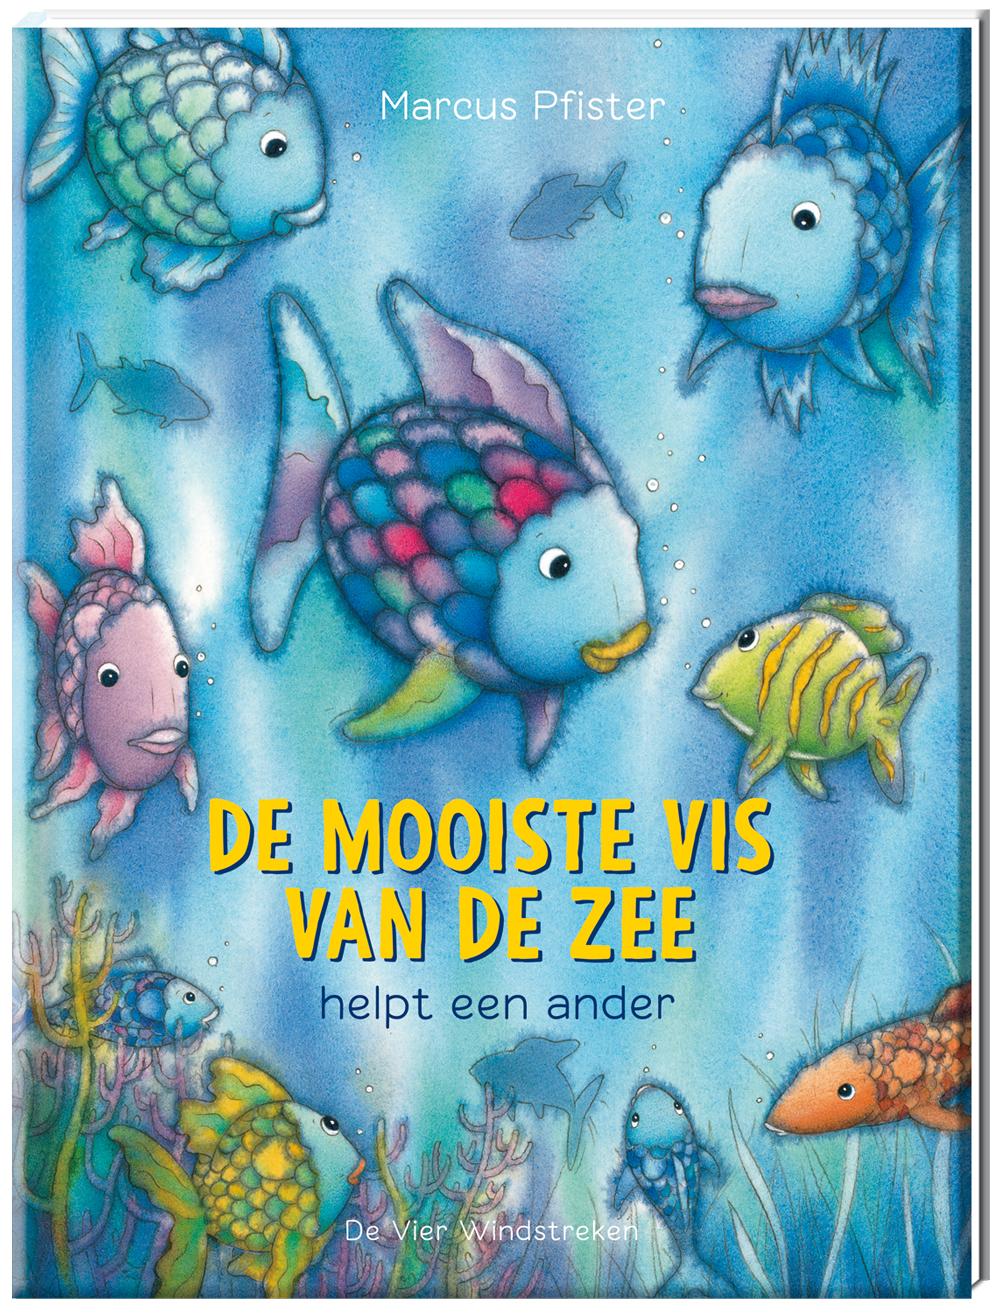 De mooiste vis van de zee helpt een ander, boek 2